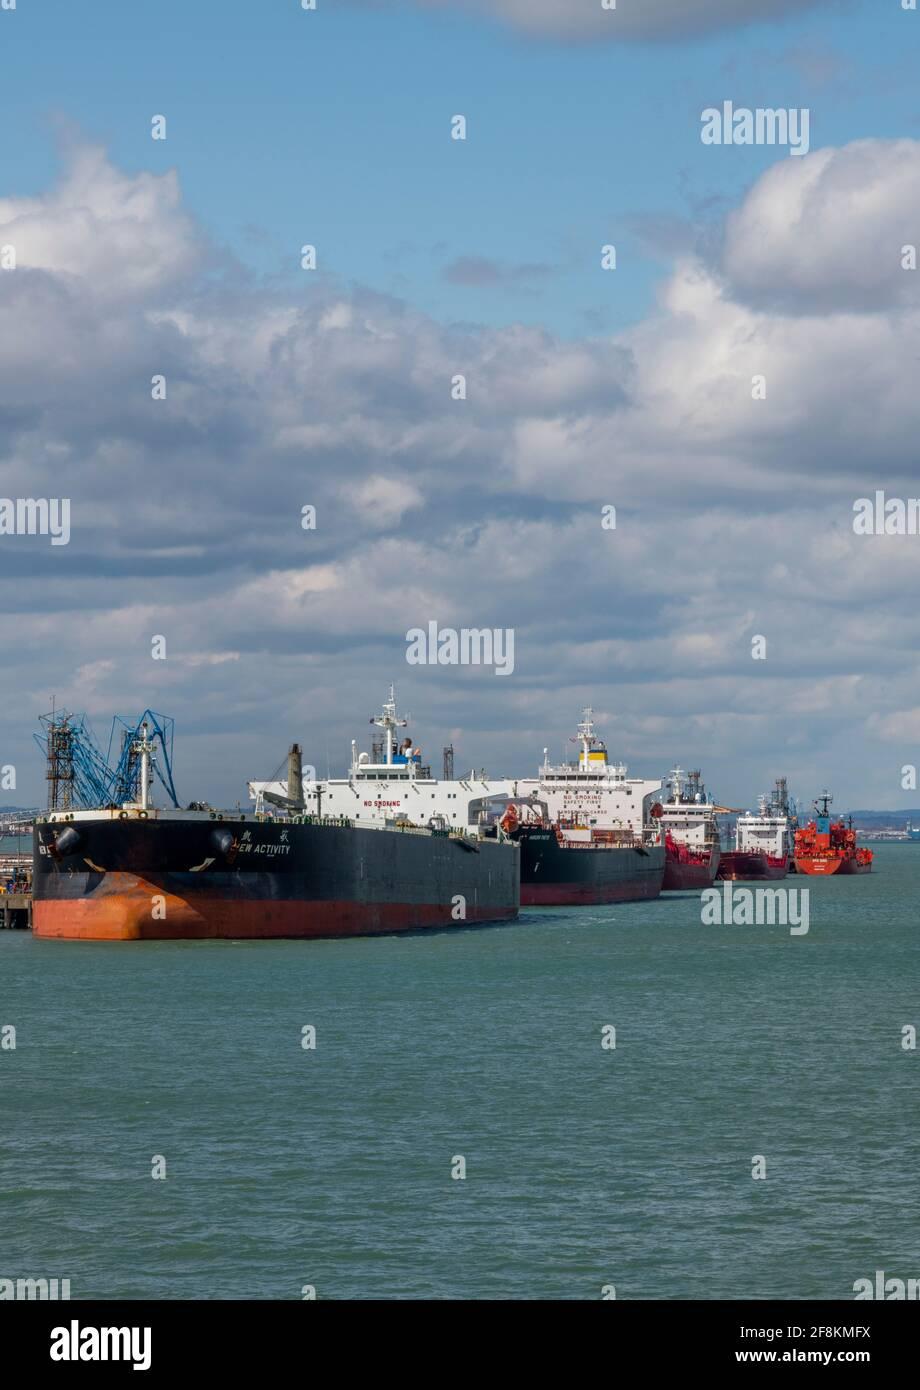 de gros navires-citernes et navires avec expédition à l'usine de traitement terminal de la raffinerie de pétrole marine esso fawley, dans les docks de southampton. Banque D'Images